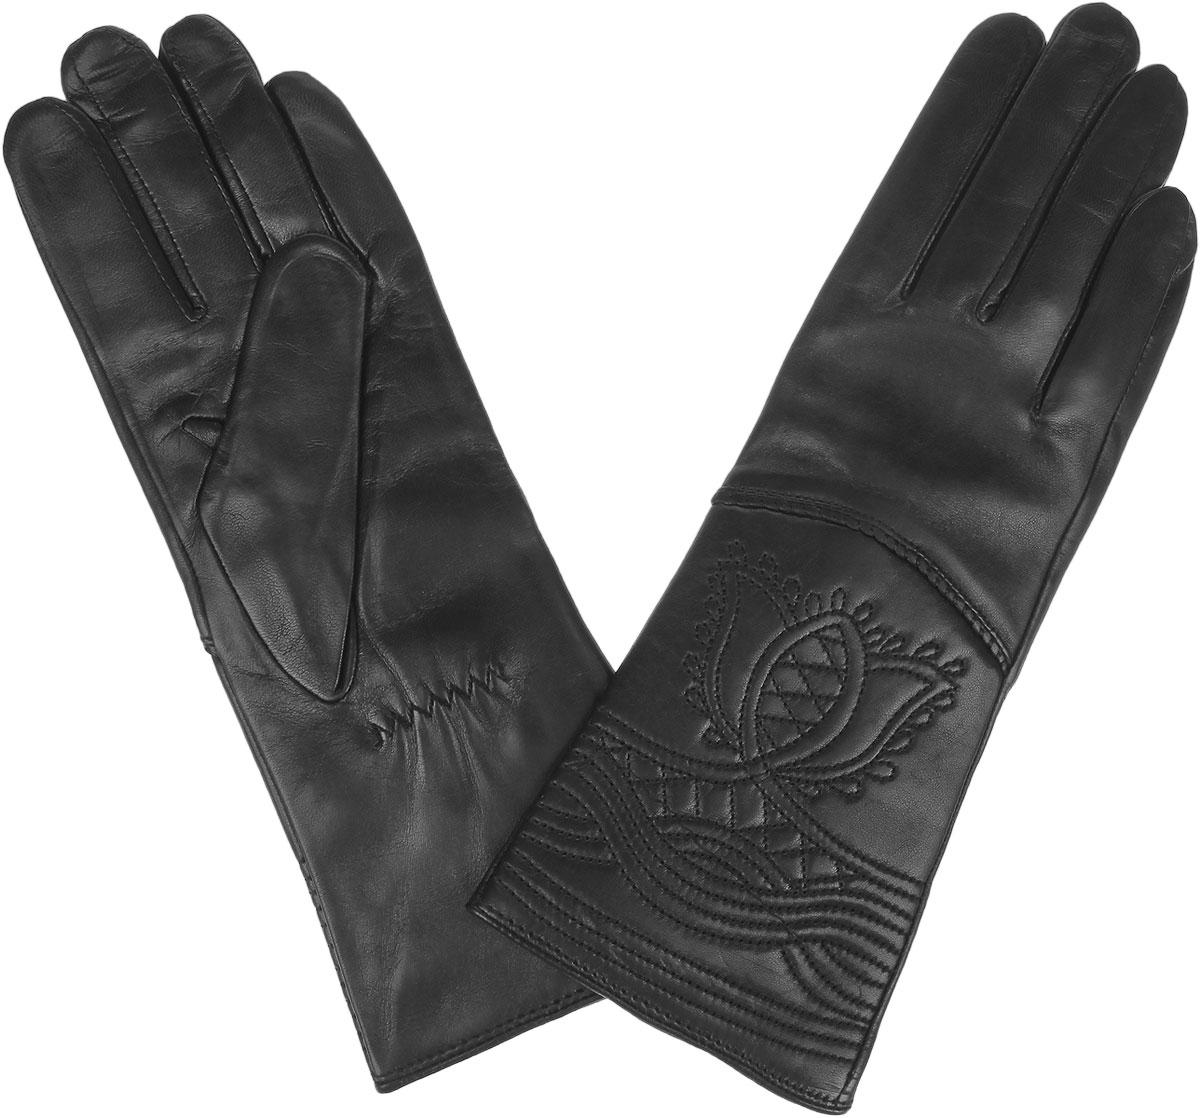 9.28-1_blackЖенские перчатки Fabretti защитят ваши руки от холода и станут стильным дополнением к вашему образу. Перчатки изготовлены из натуральной кожи на подкладке из шерсти с добавлением кашемира. Лицевую сторону изделия украшает фигурная прострочка. На запястье модель присборена на небольшие резинки. Перчатки являются неотъемлемой принадлежностью одежды, вместе с этим аксессуаром вы обретаете женственность и элегантность. Они станут завершающим и подчеркивающим элементом вашего неповторимого стиля.